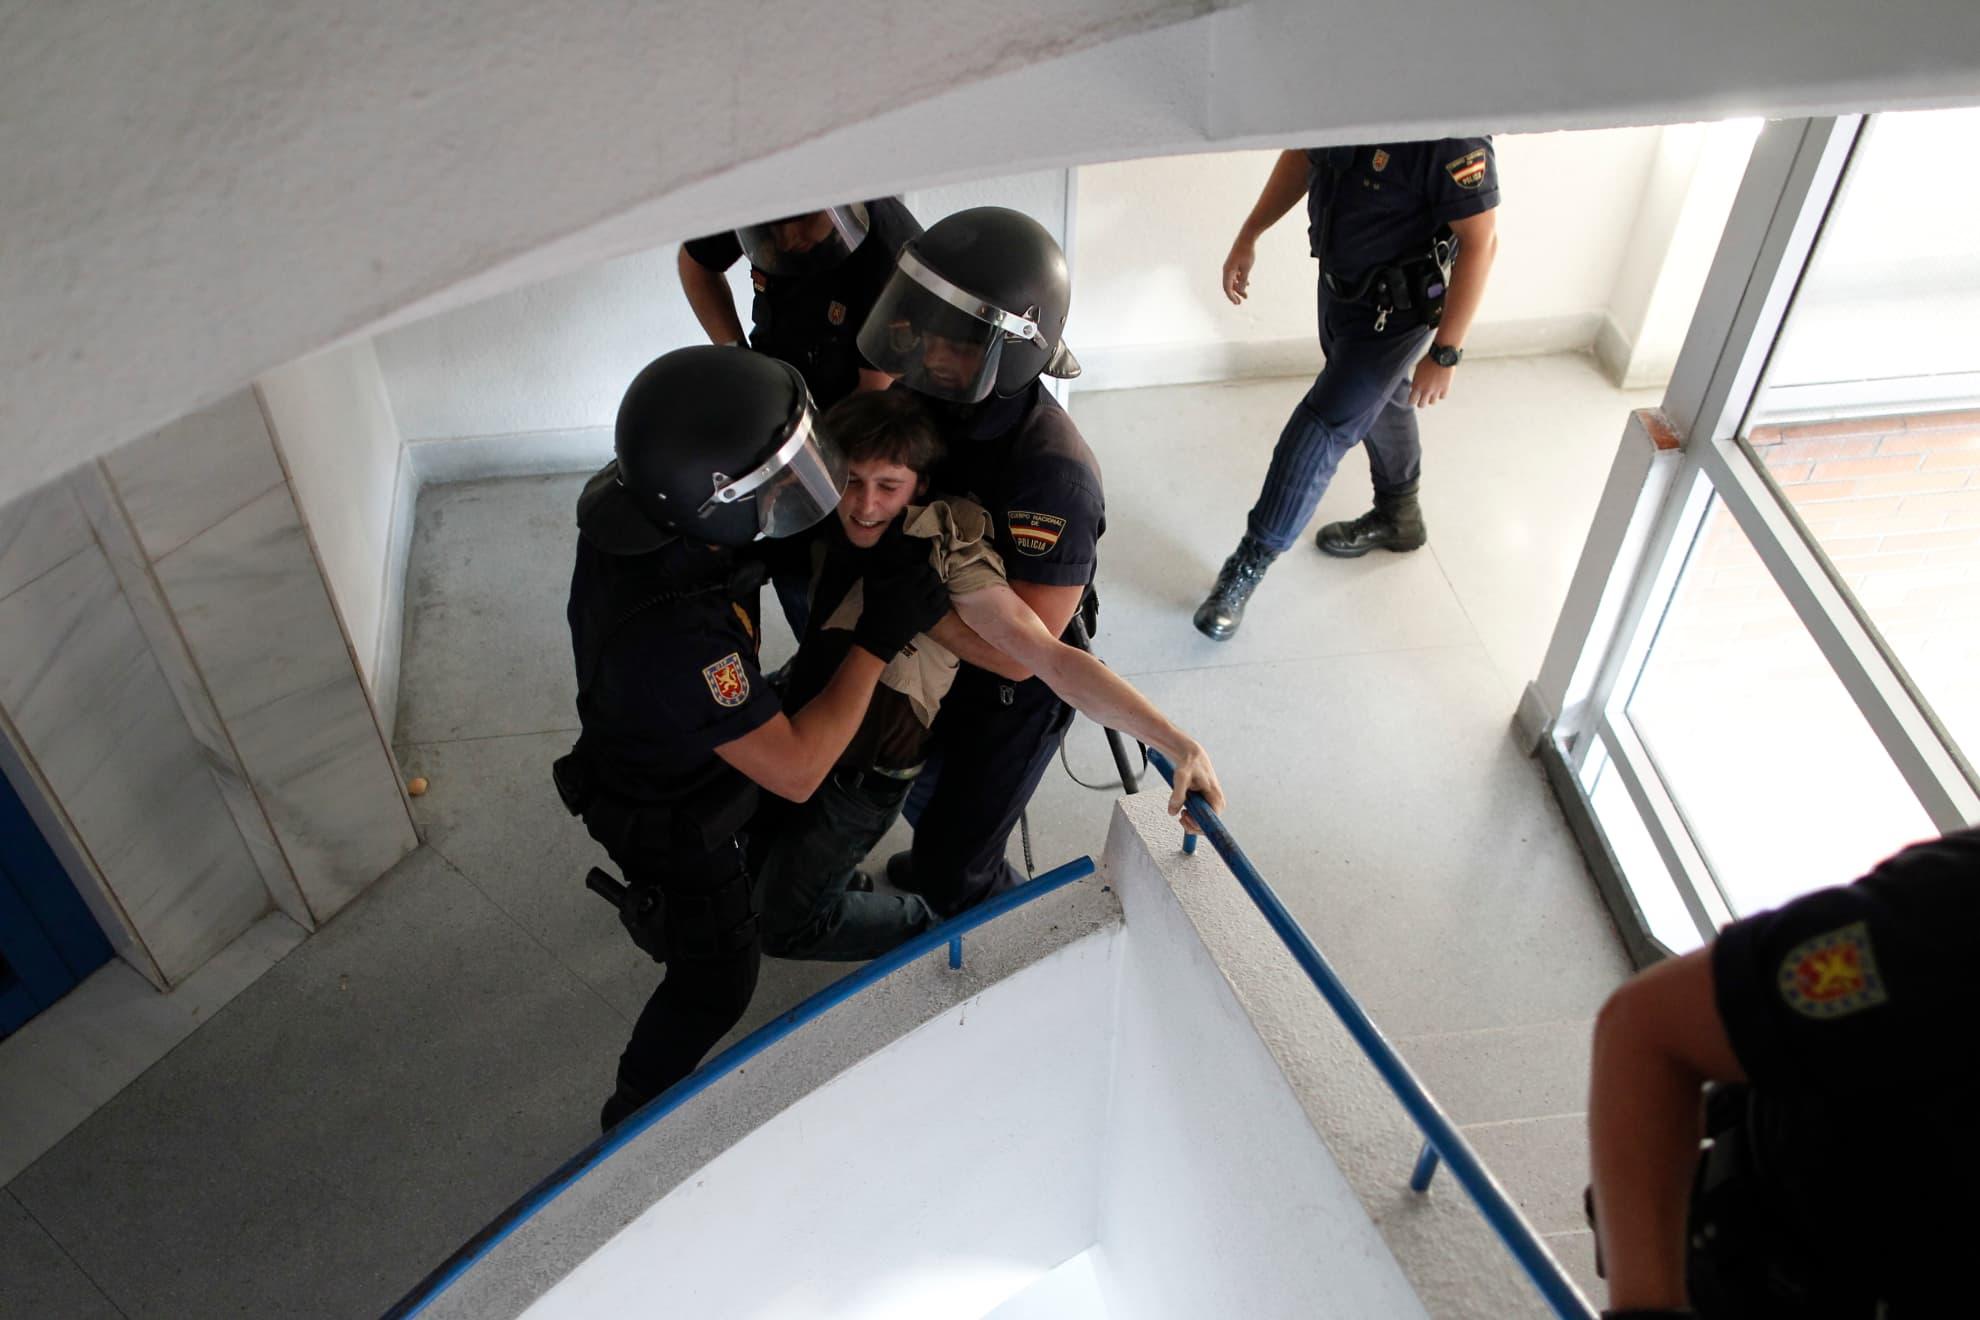 La Policía desaloja a los activistas que tratan de impedir el desahucio de Susana Montoya en Madrid el miércoles 24 de julio de 2013. Montoya y su marido tienen tres hijos y desde hace un año ocupan un piso de la Empresa Municipal de la Vivienda, al no poder permitirse pagar un alquiler.